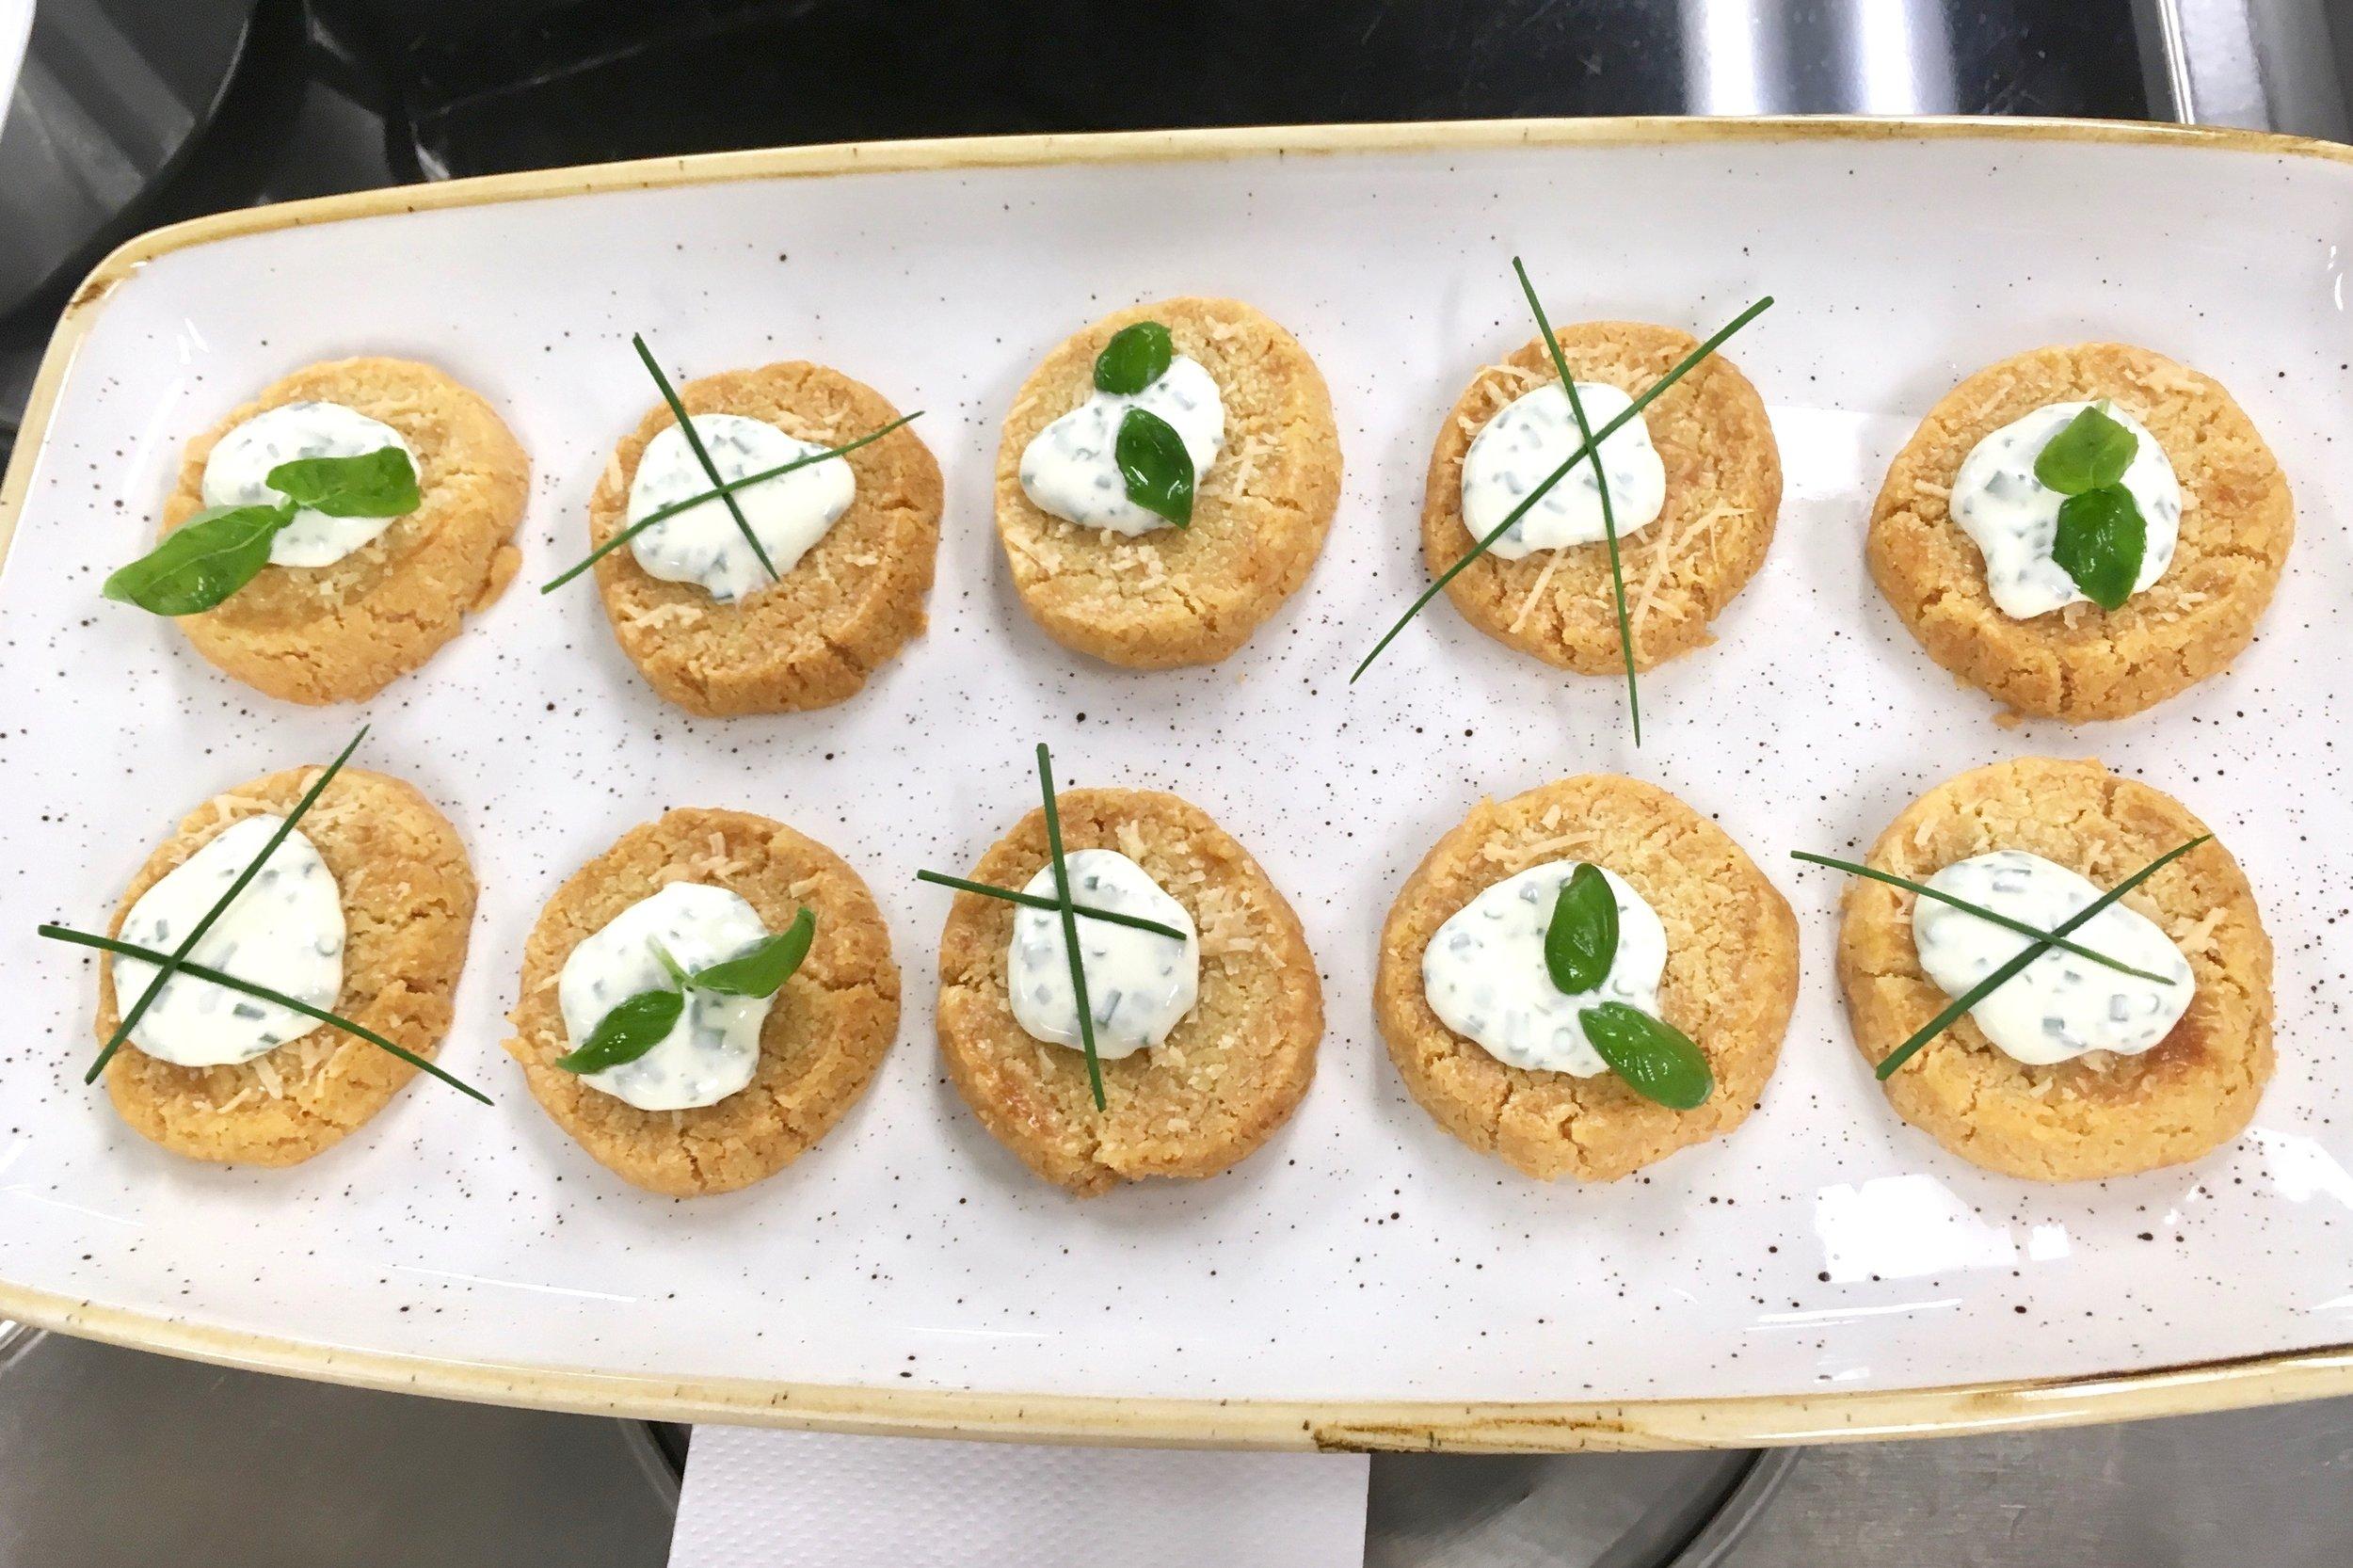 Parmesan sablé biscuits